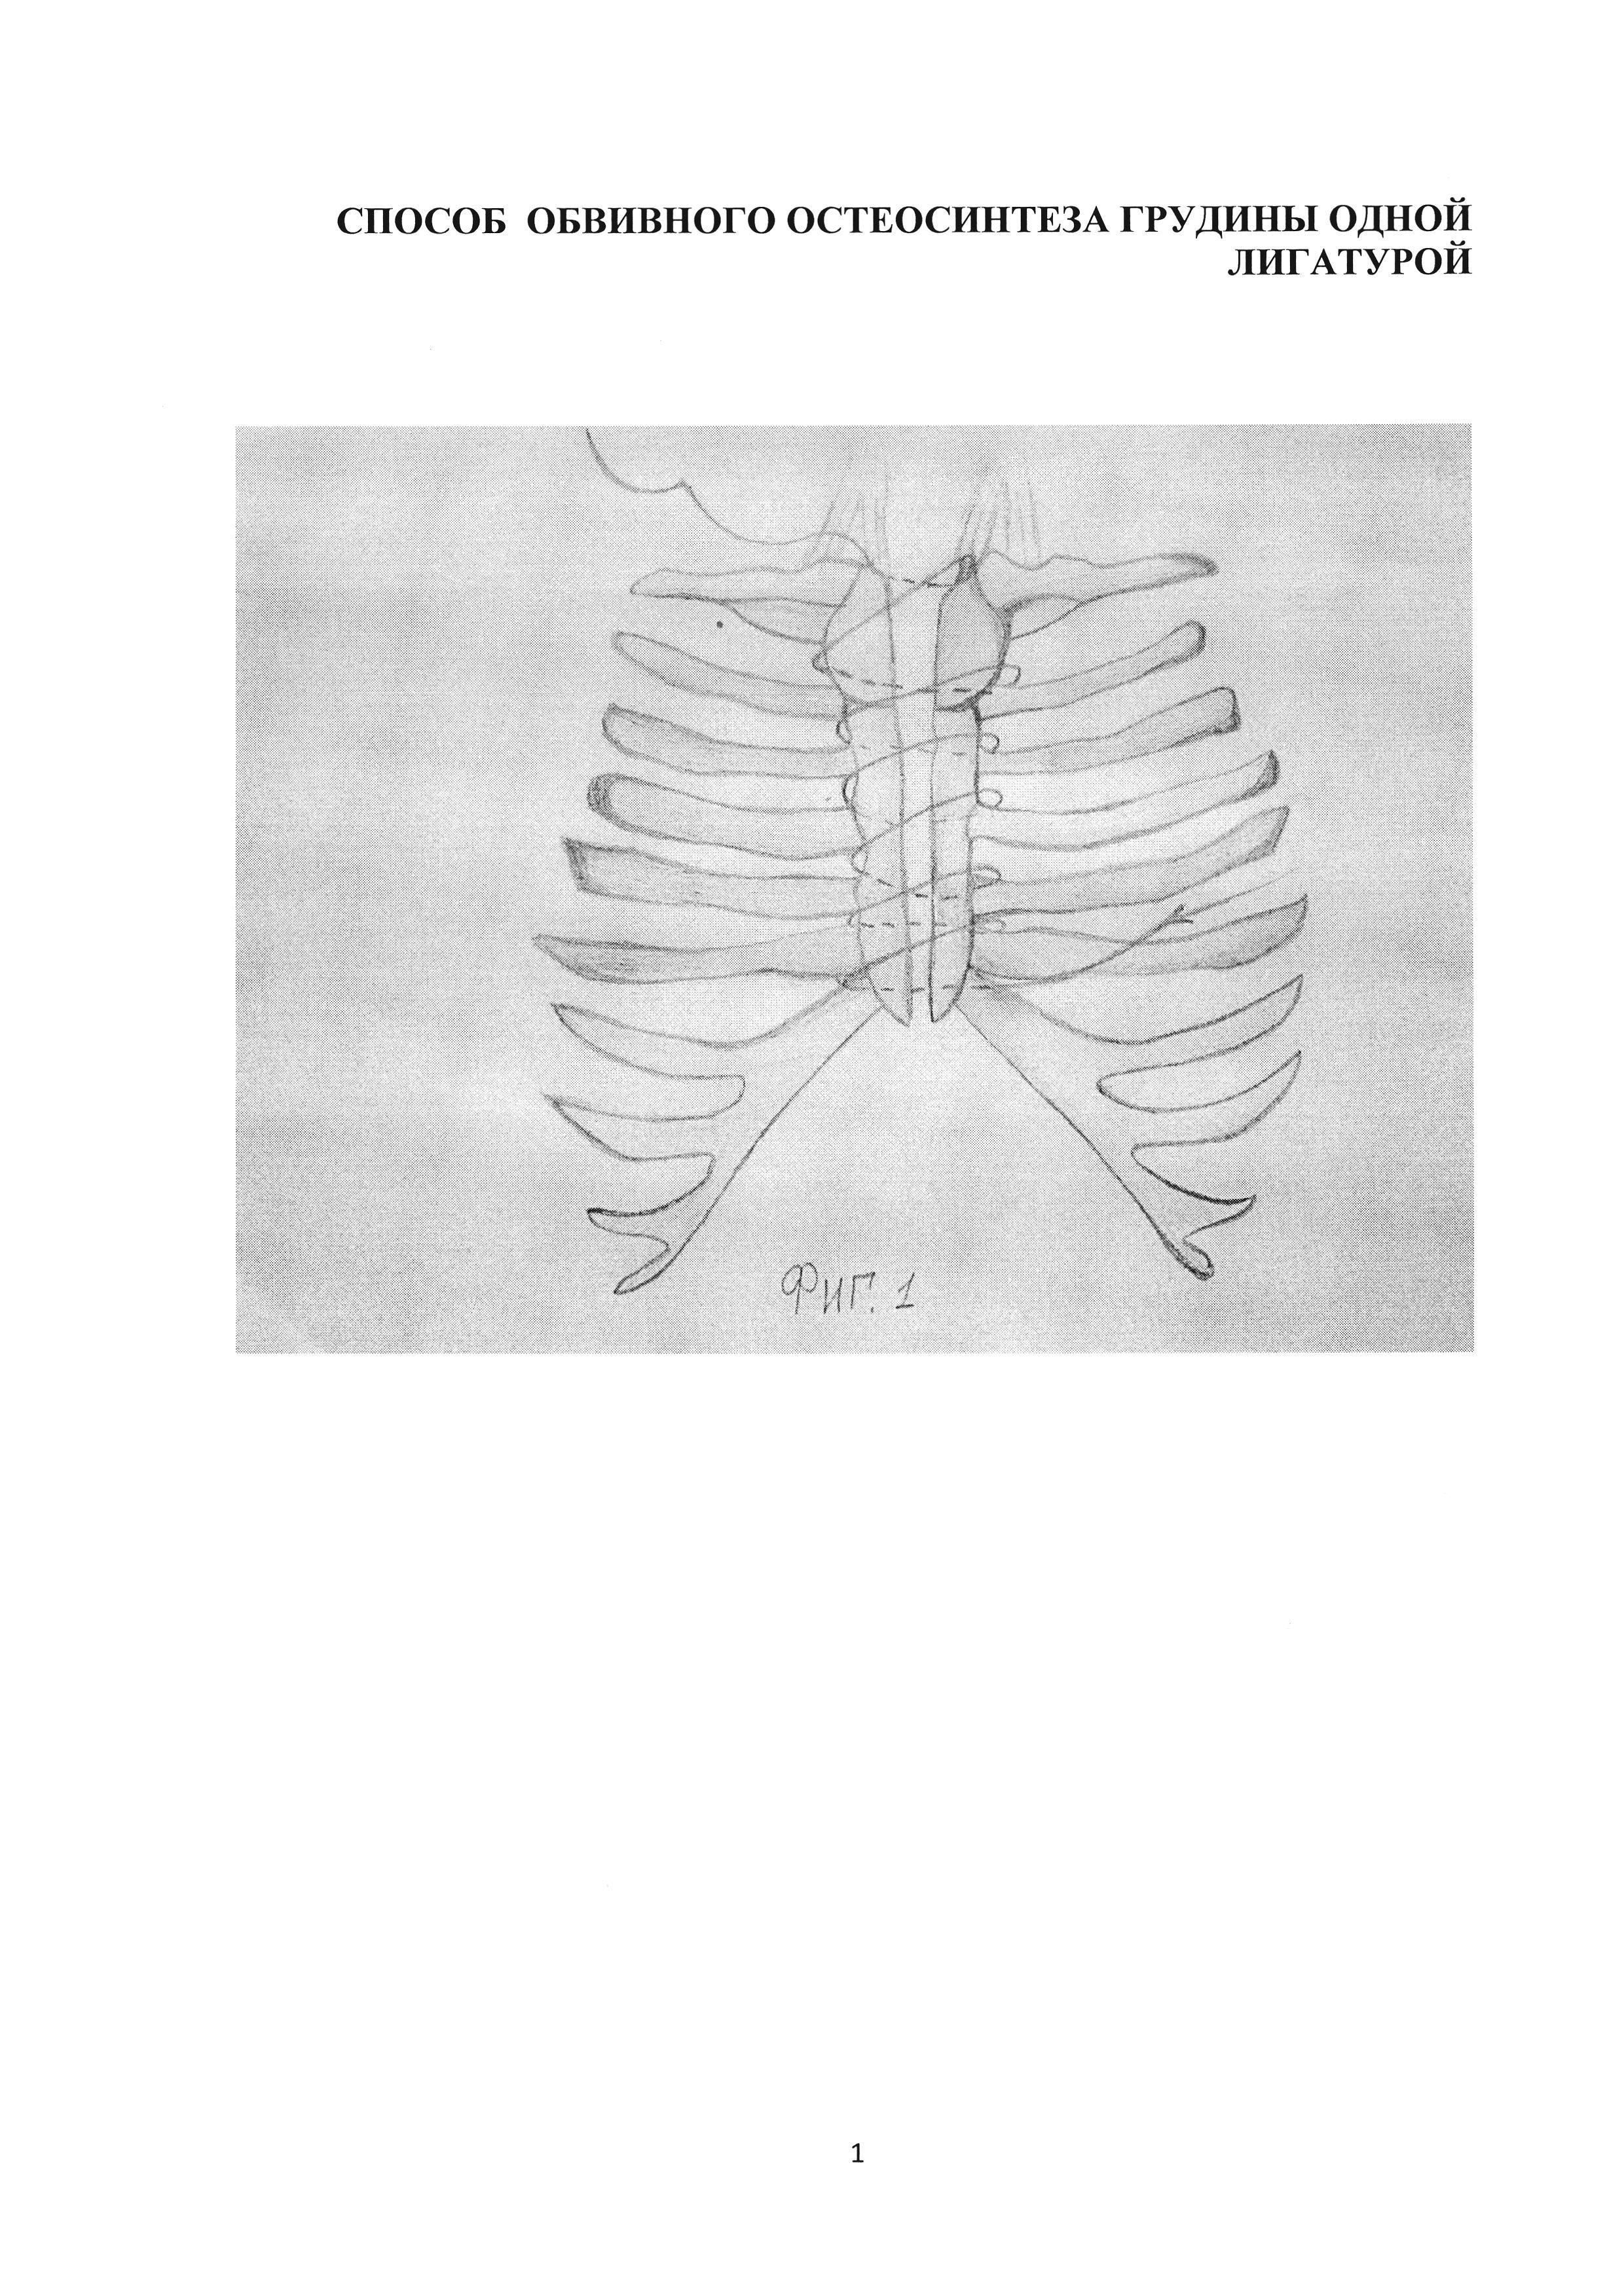 Способ обвивного остеосинтеза грудины одной лигатурой